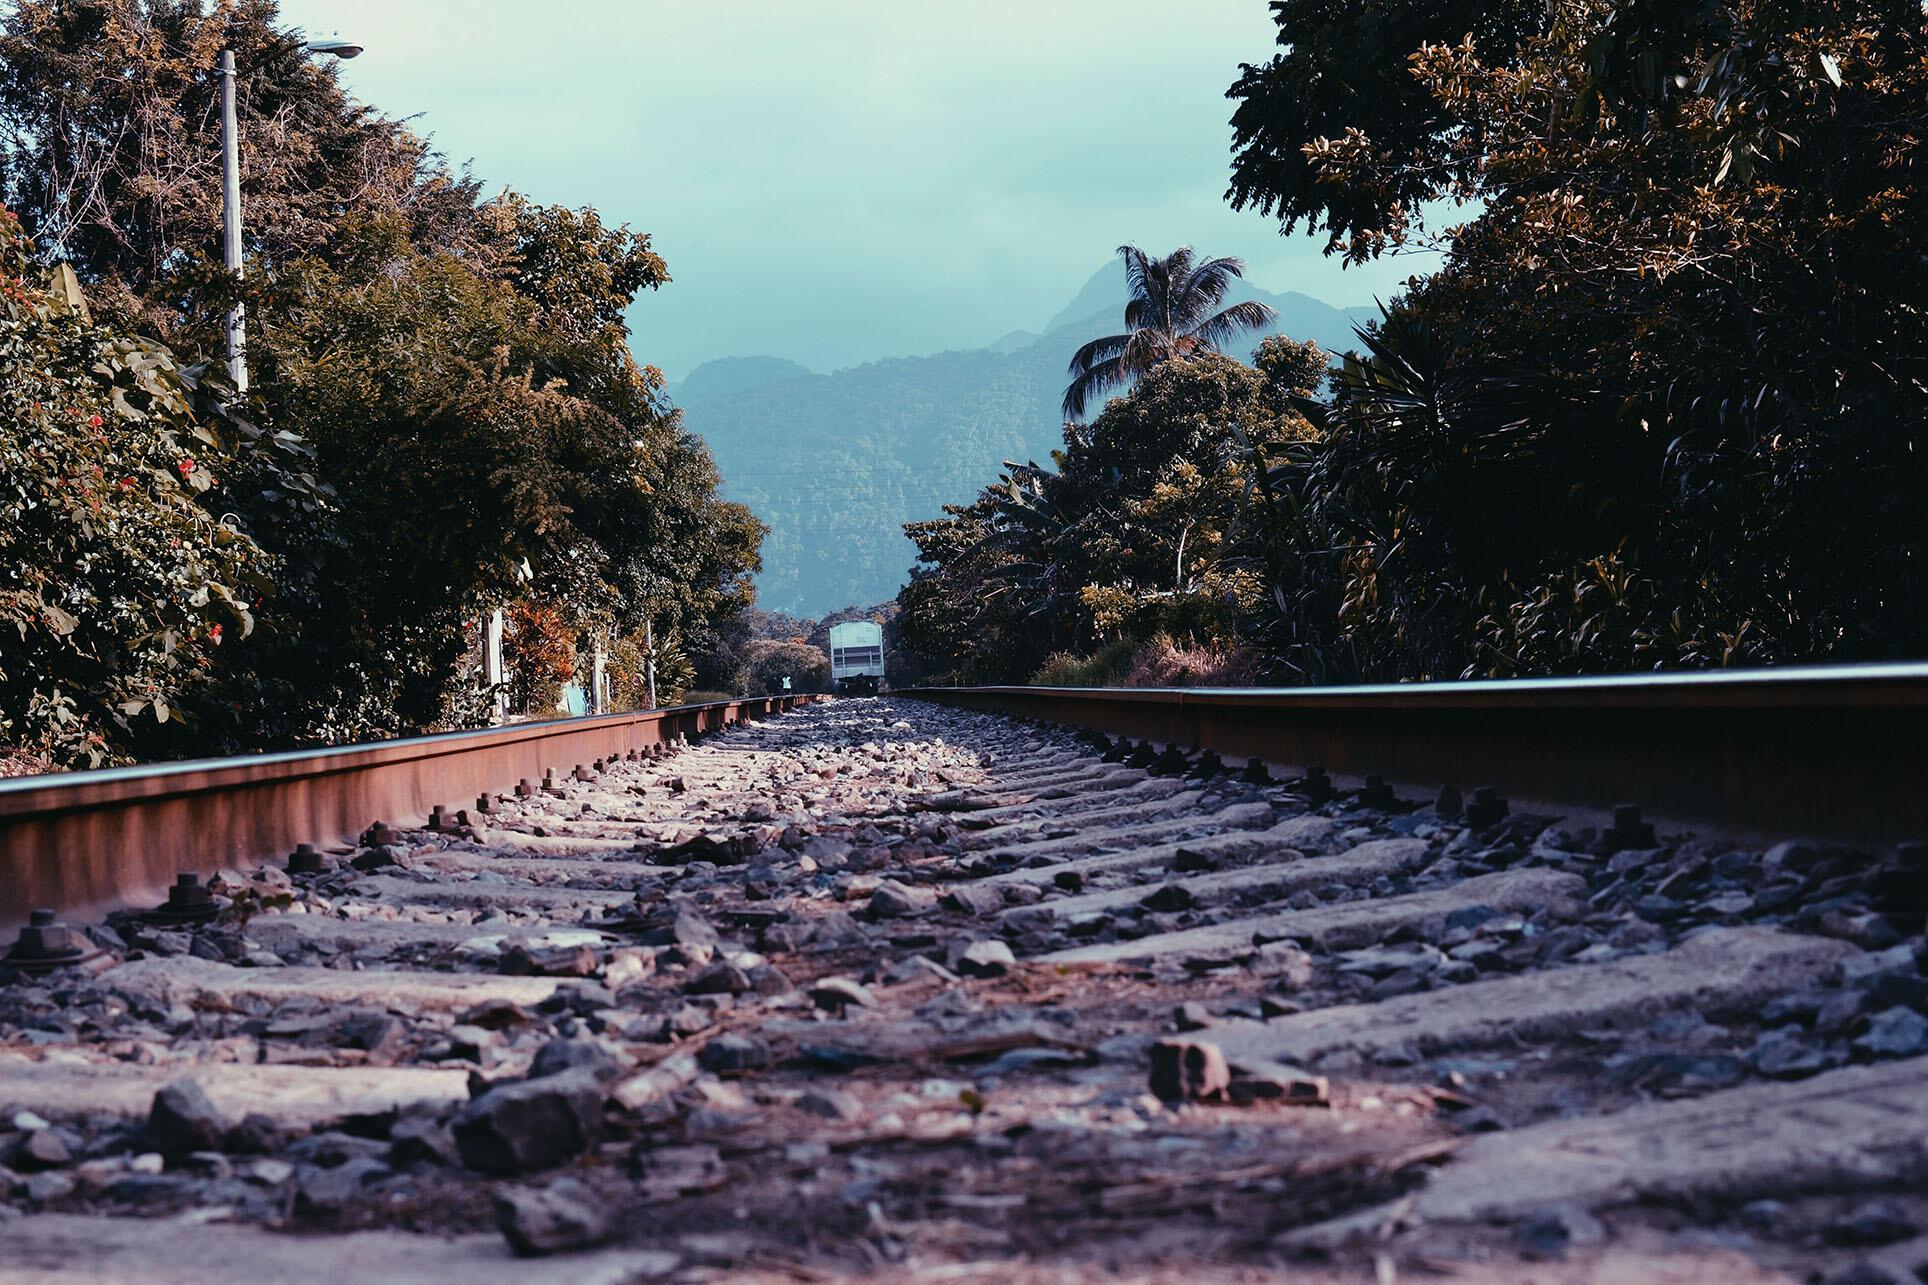 Vías férreas en Veracruz, sobre las cuales un tren llamado La Bestia transportaba a decenas de miles de migrantes centroamericanos cada año. (Foto por Levi Vonk.)